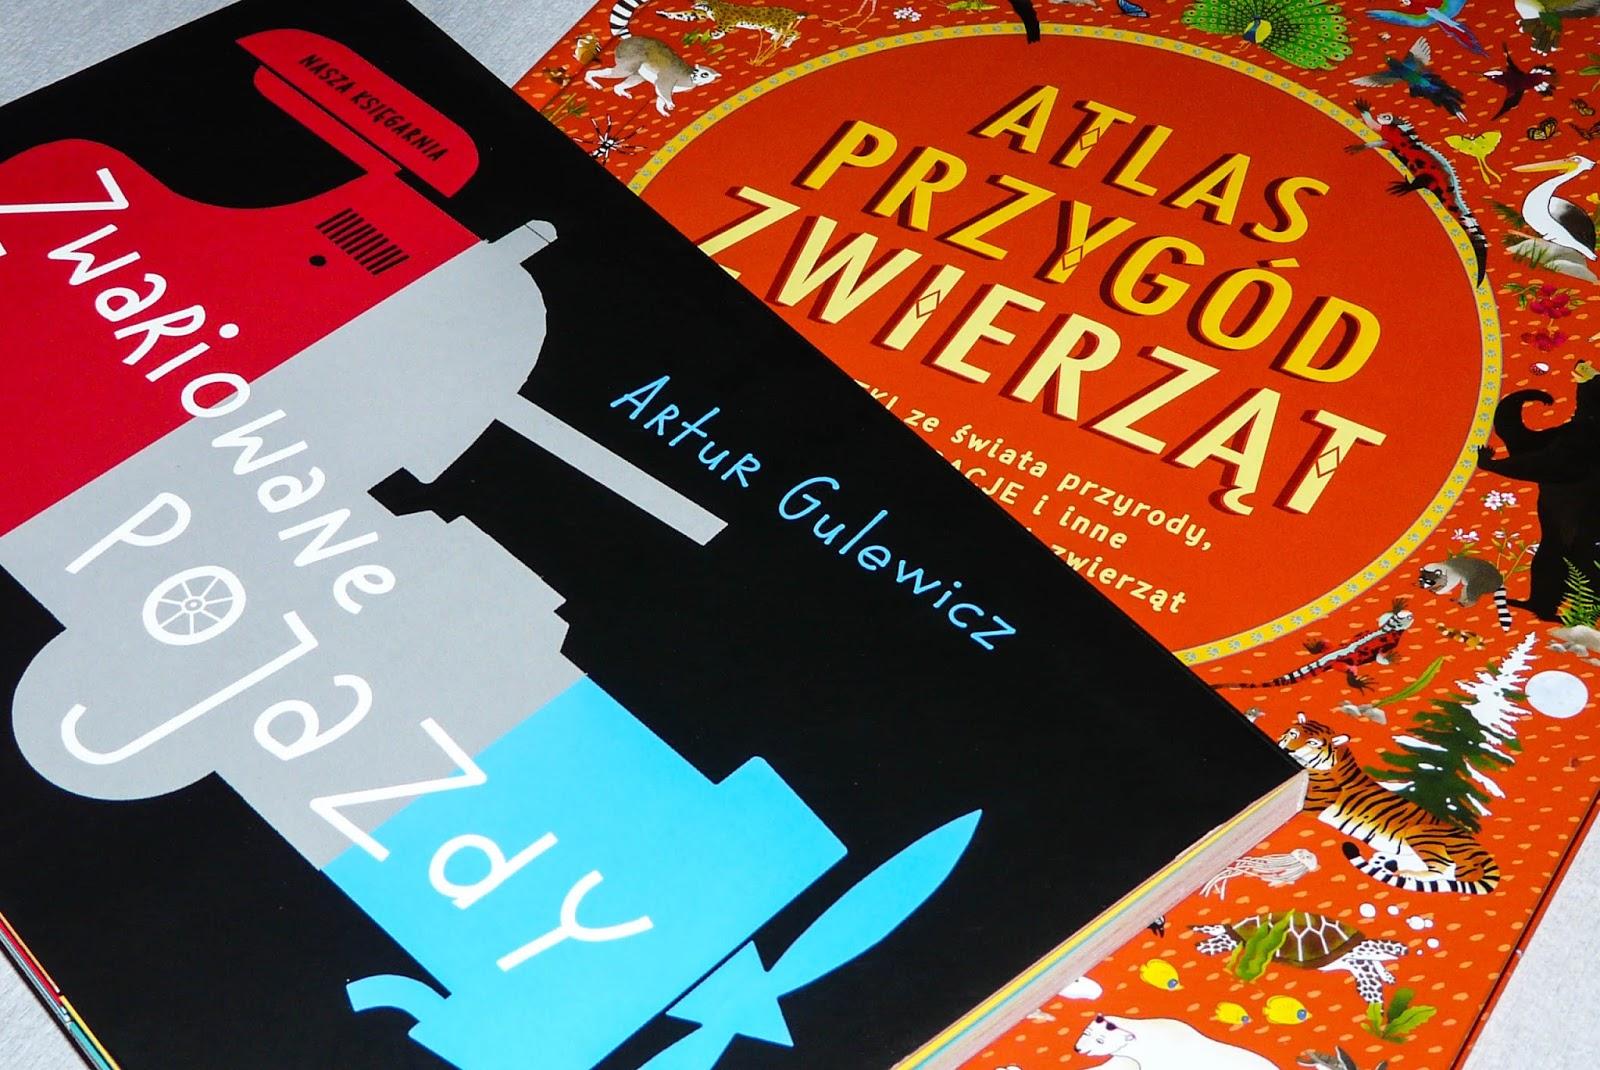 ciekawe książki dla dzieci wydawnictwo nasza księgarnia, książki edukacyjne, co czytać z maluchem, co czytać z przedszkolakiem